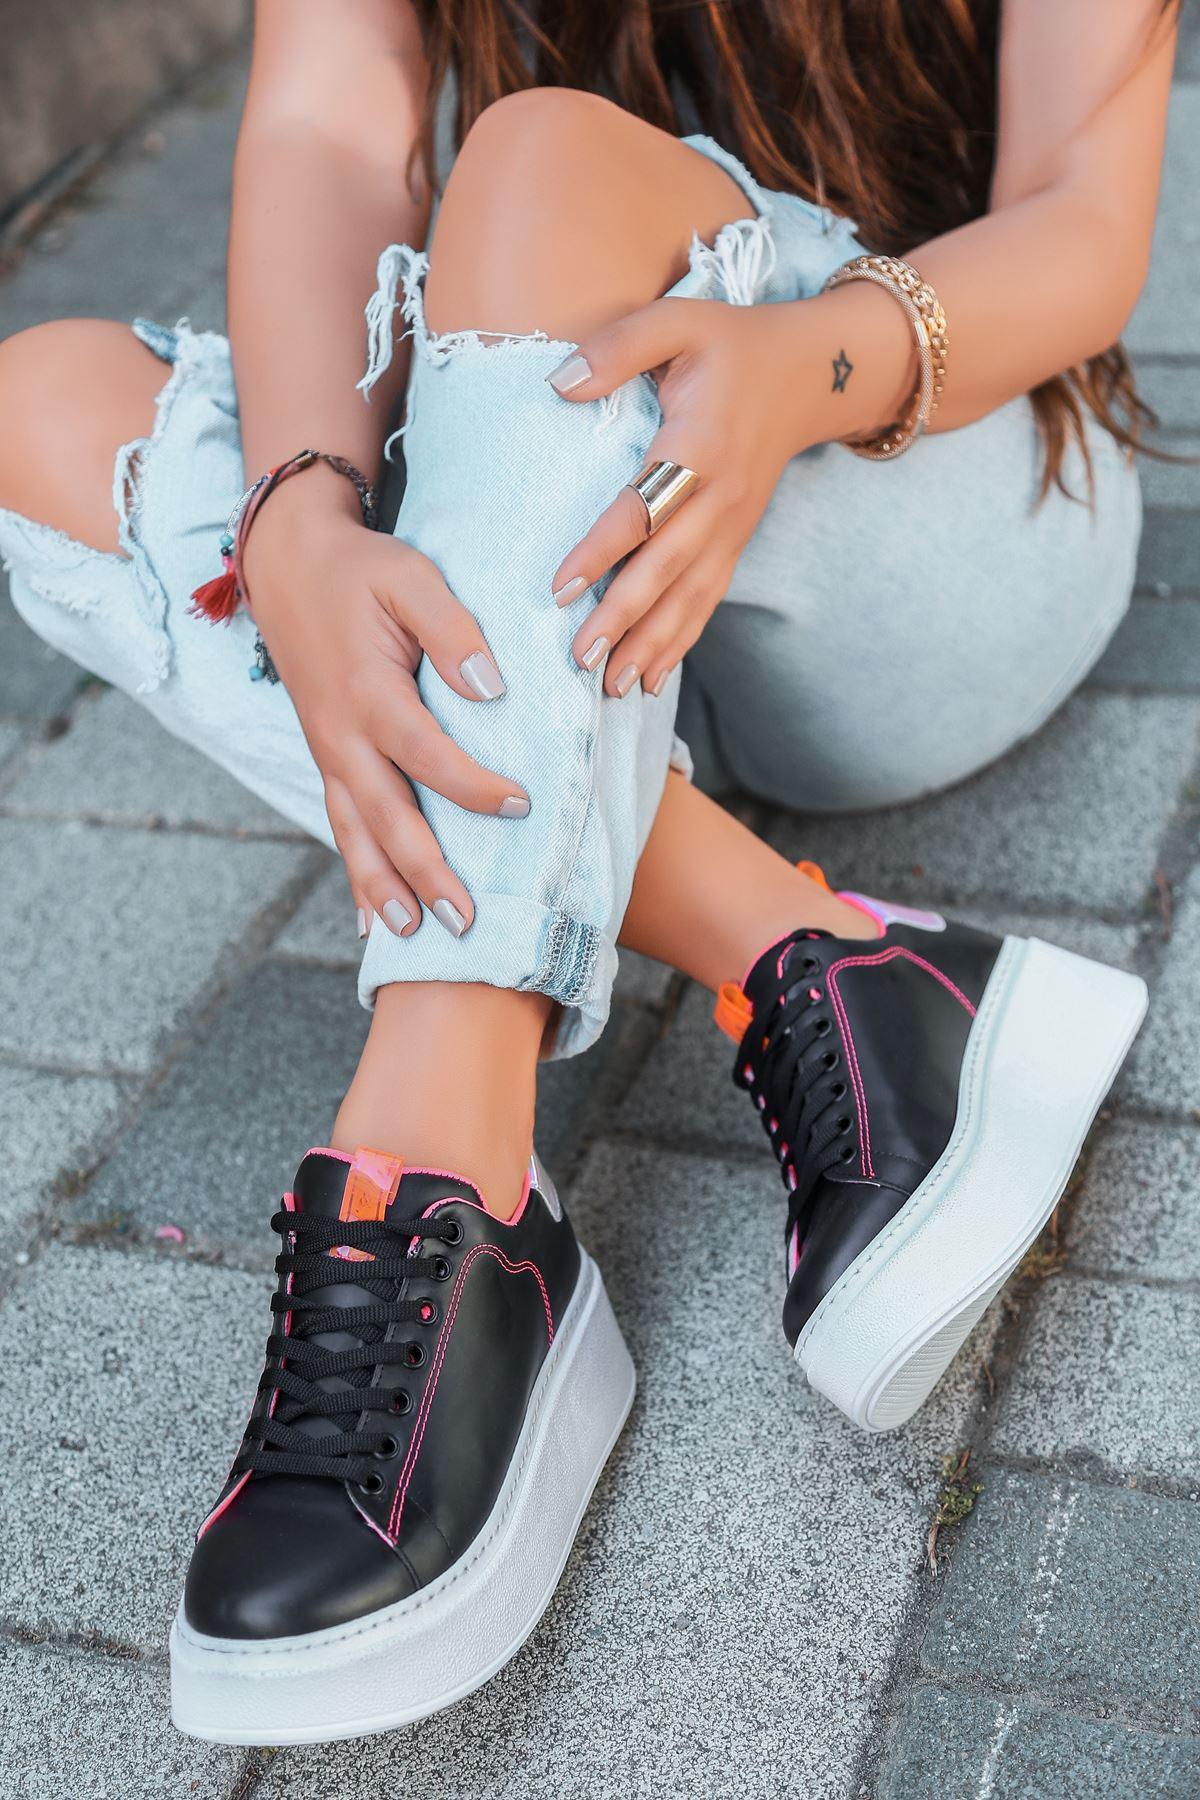 Masella Mat Deri Pembe Hologram Detay Kalın Taban Spor Ayakkabı Siyah